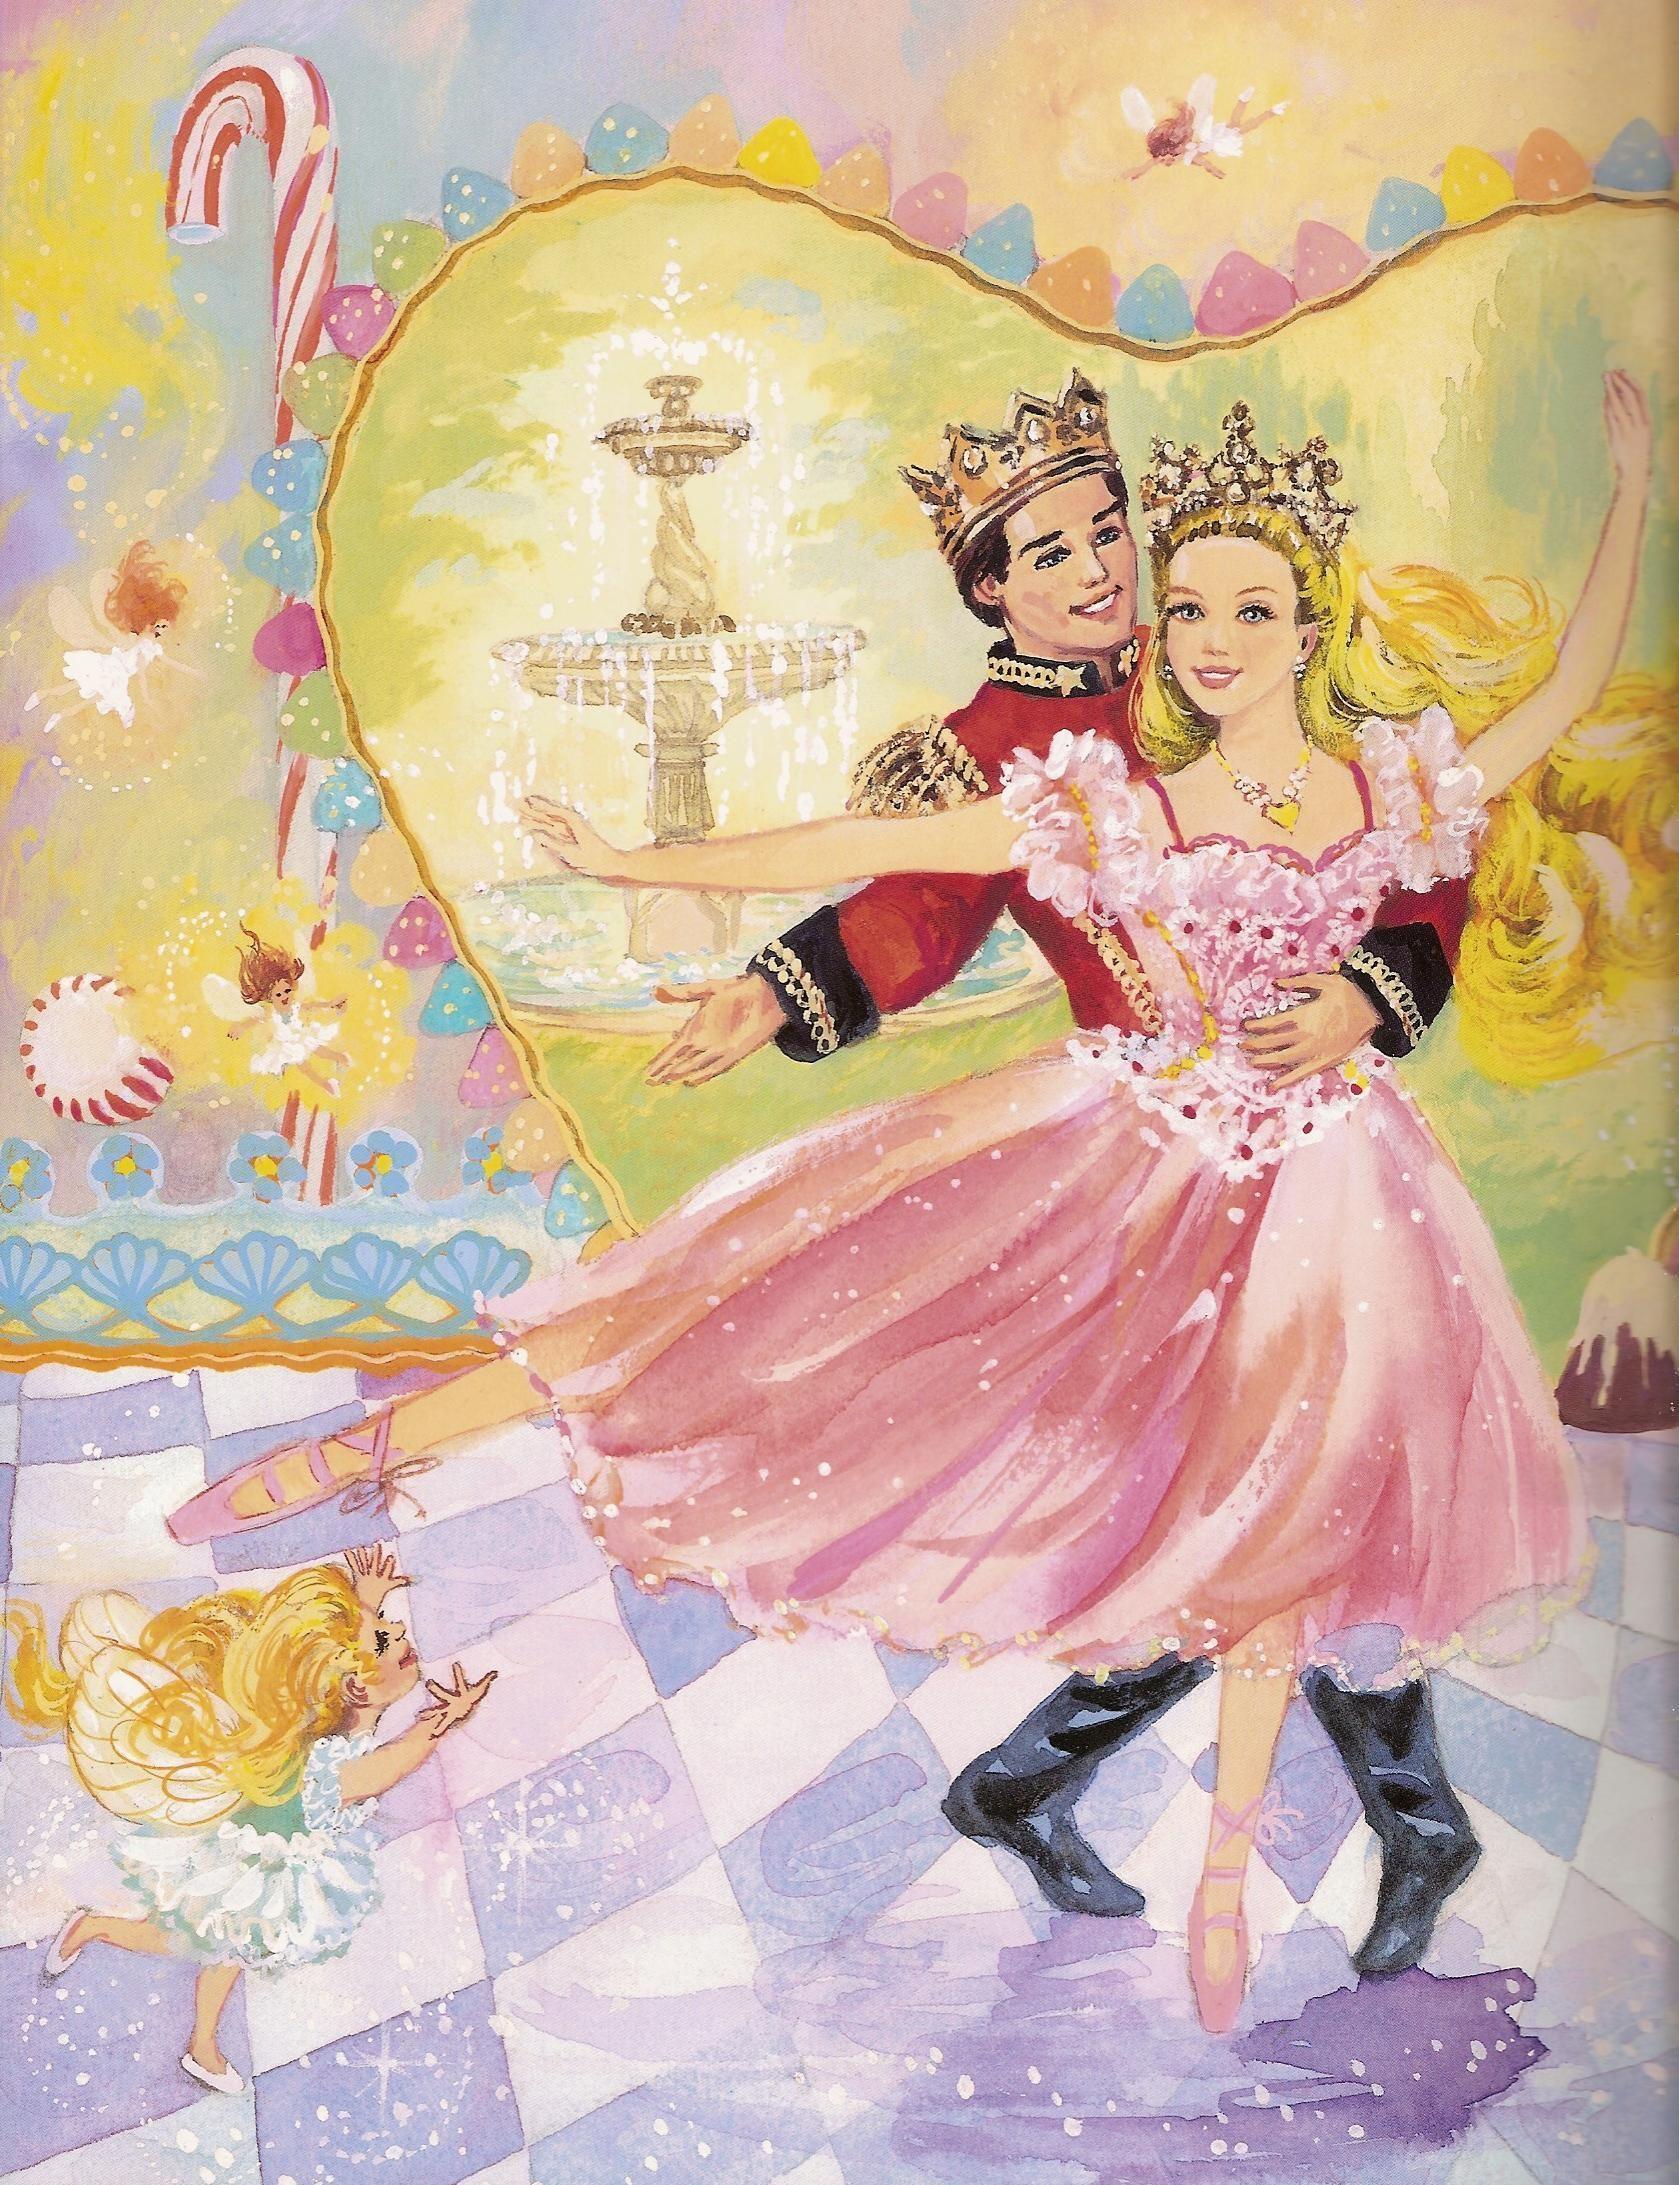 Картинки танец вальс для детей, козел для